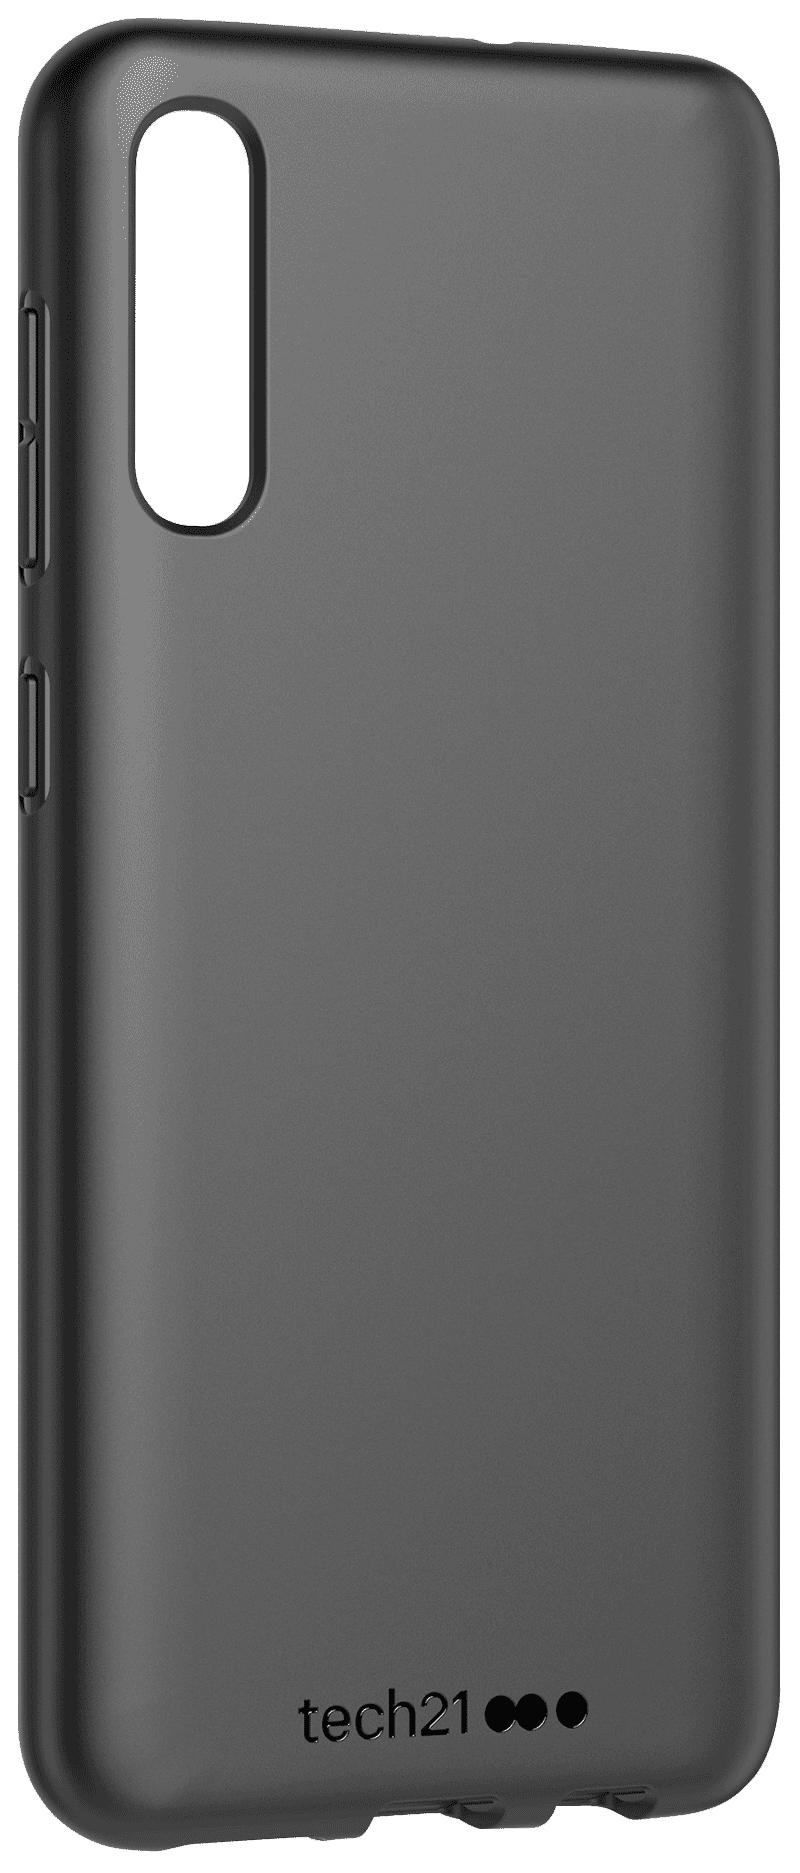 Coque renforcée Galaxy A50 tech21 noir